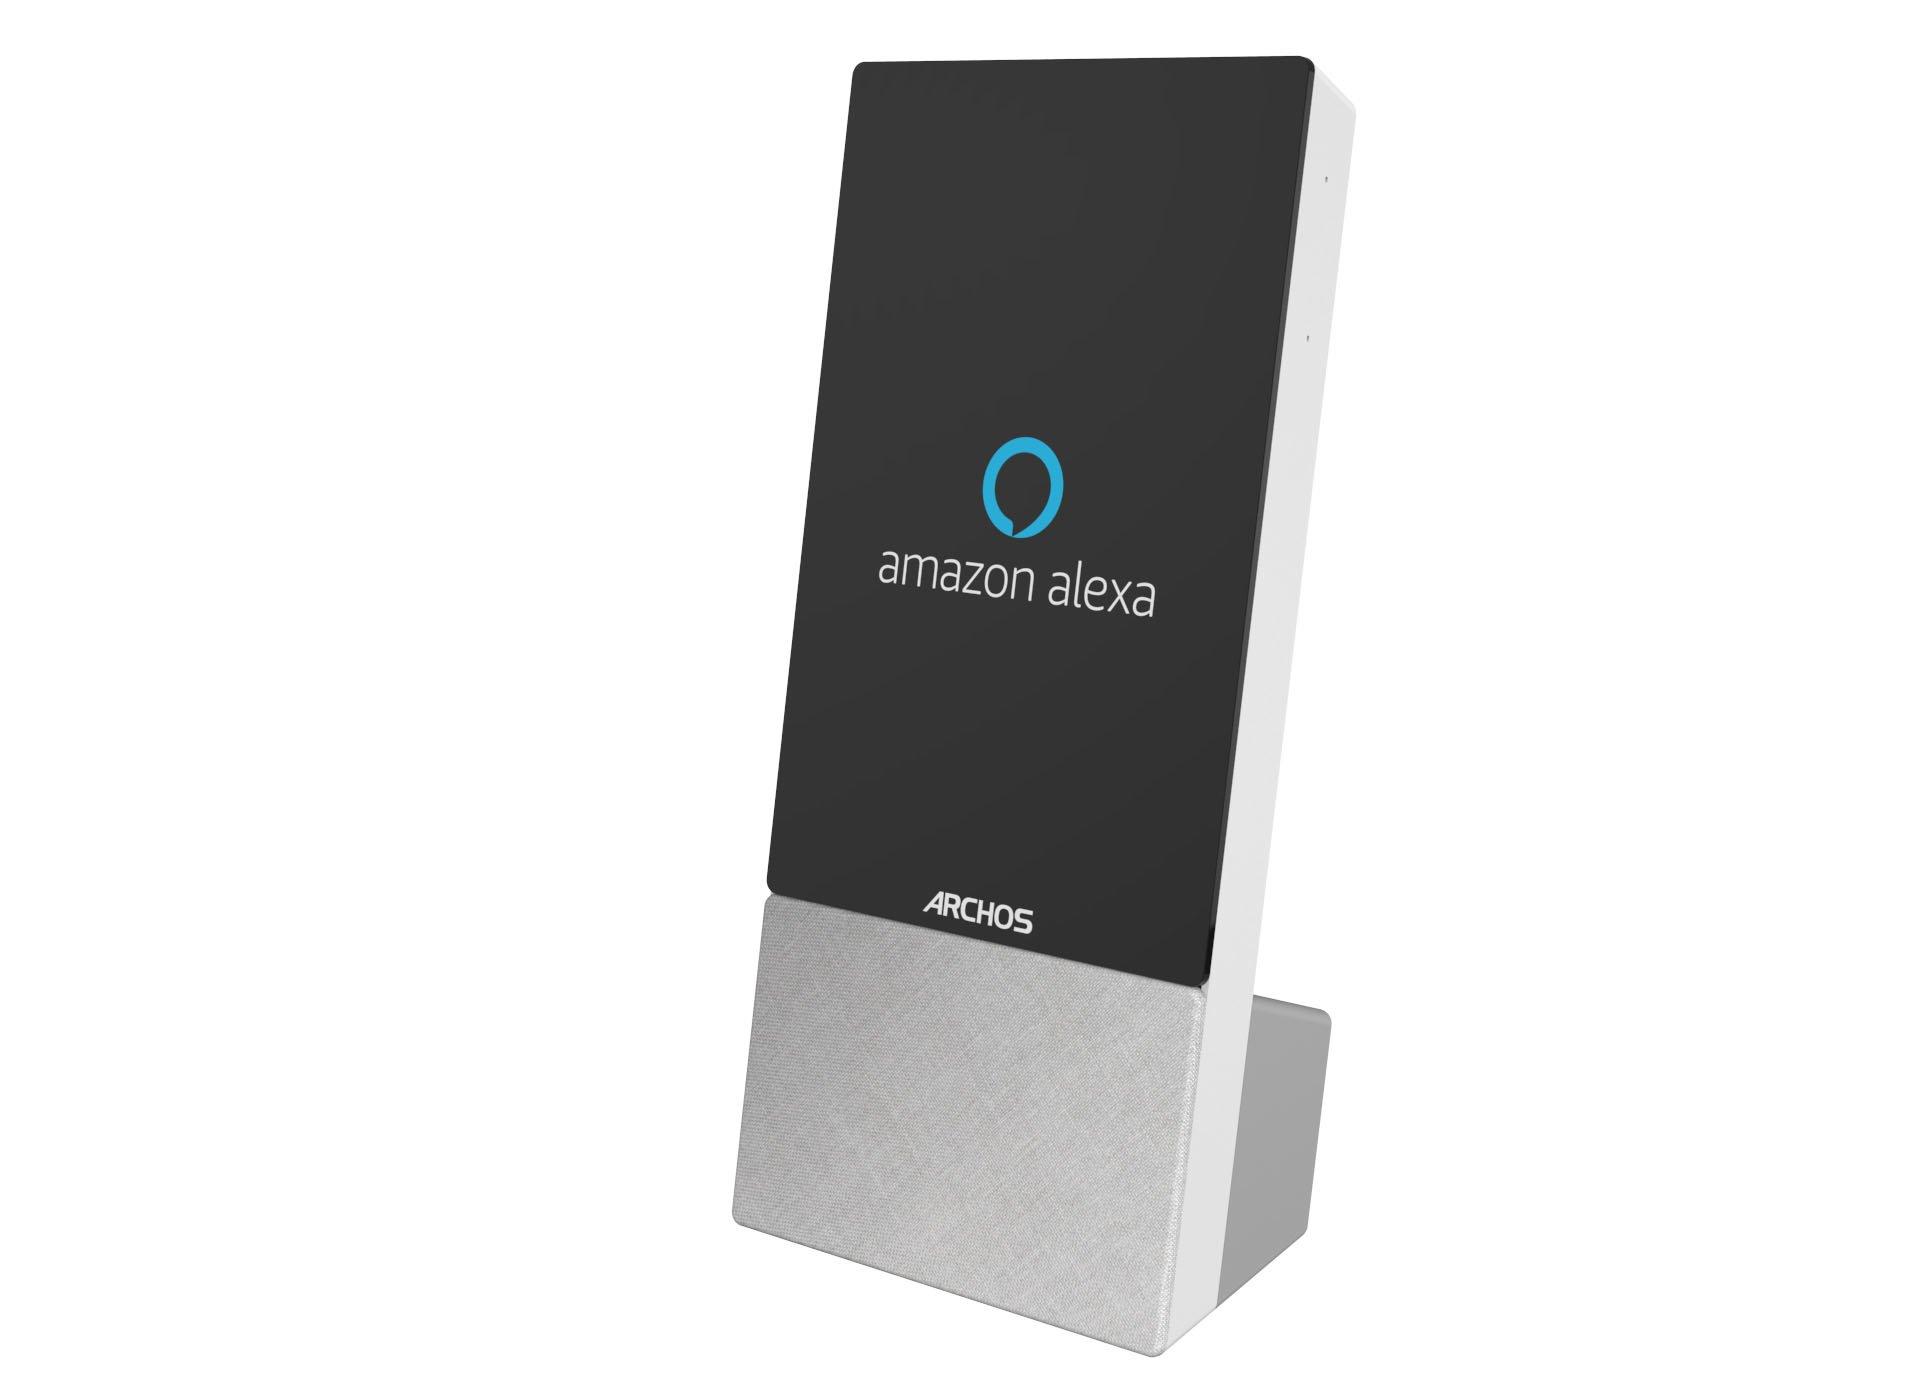 """Tabletowo.pl Archos Mate - inteligentny głośnik z ekranem (5"""" lub 7"""") i Alexą na pokładzie Archos Nowości Smart Home"""